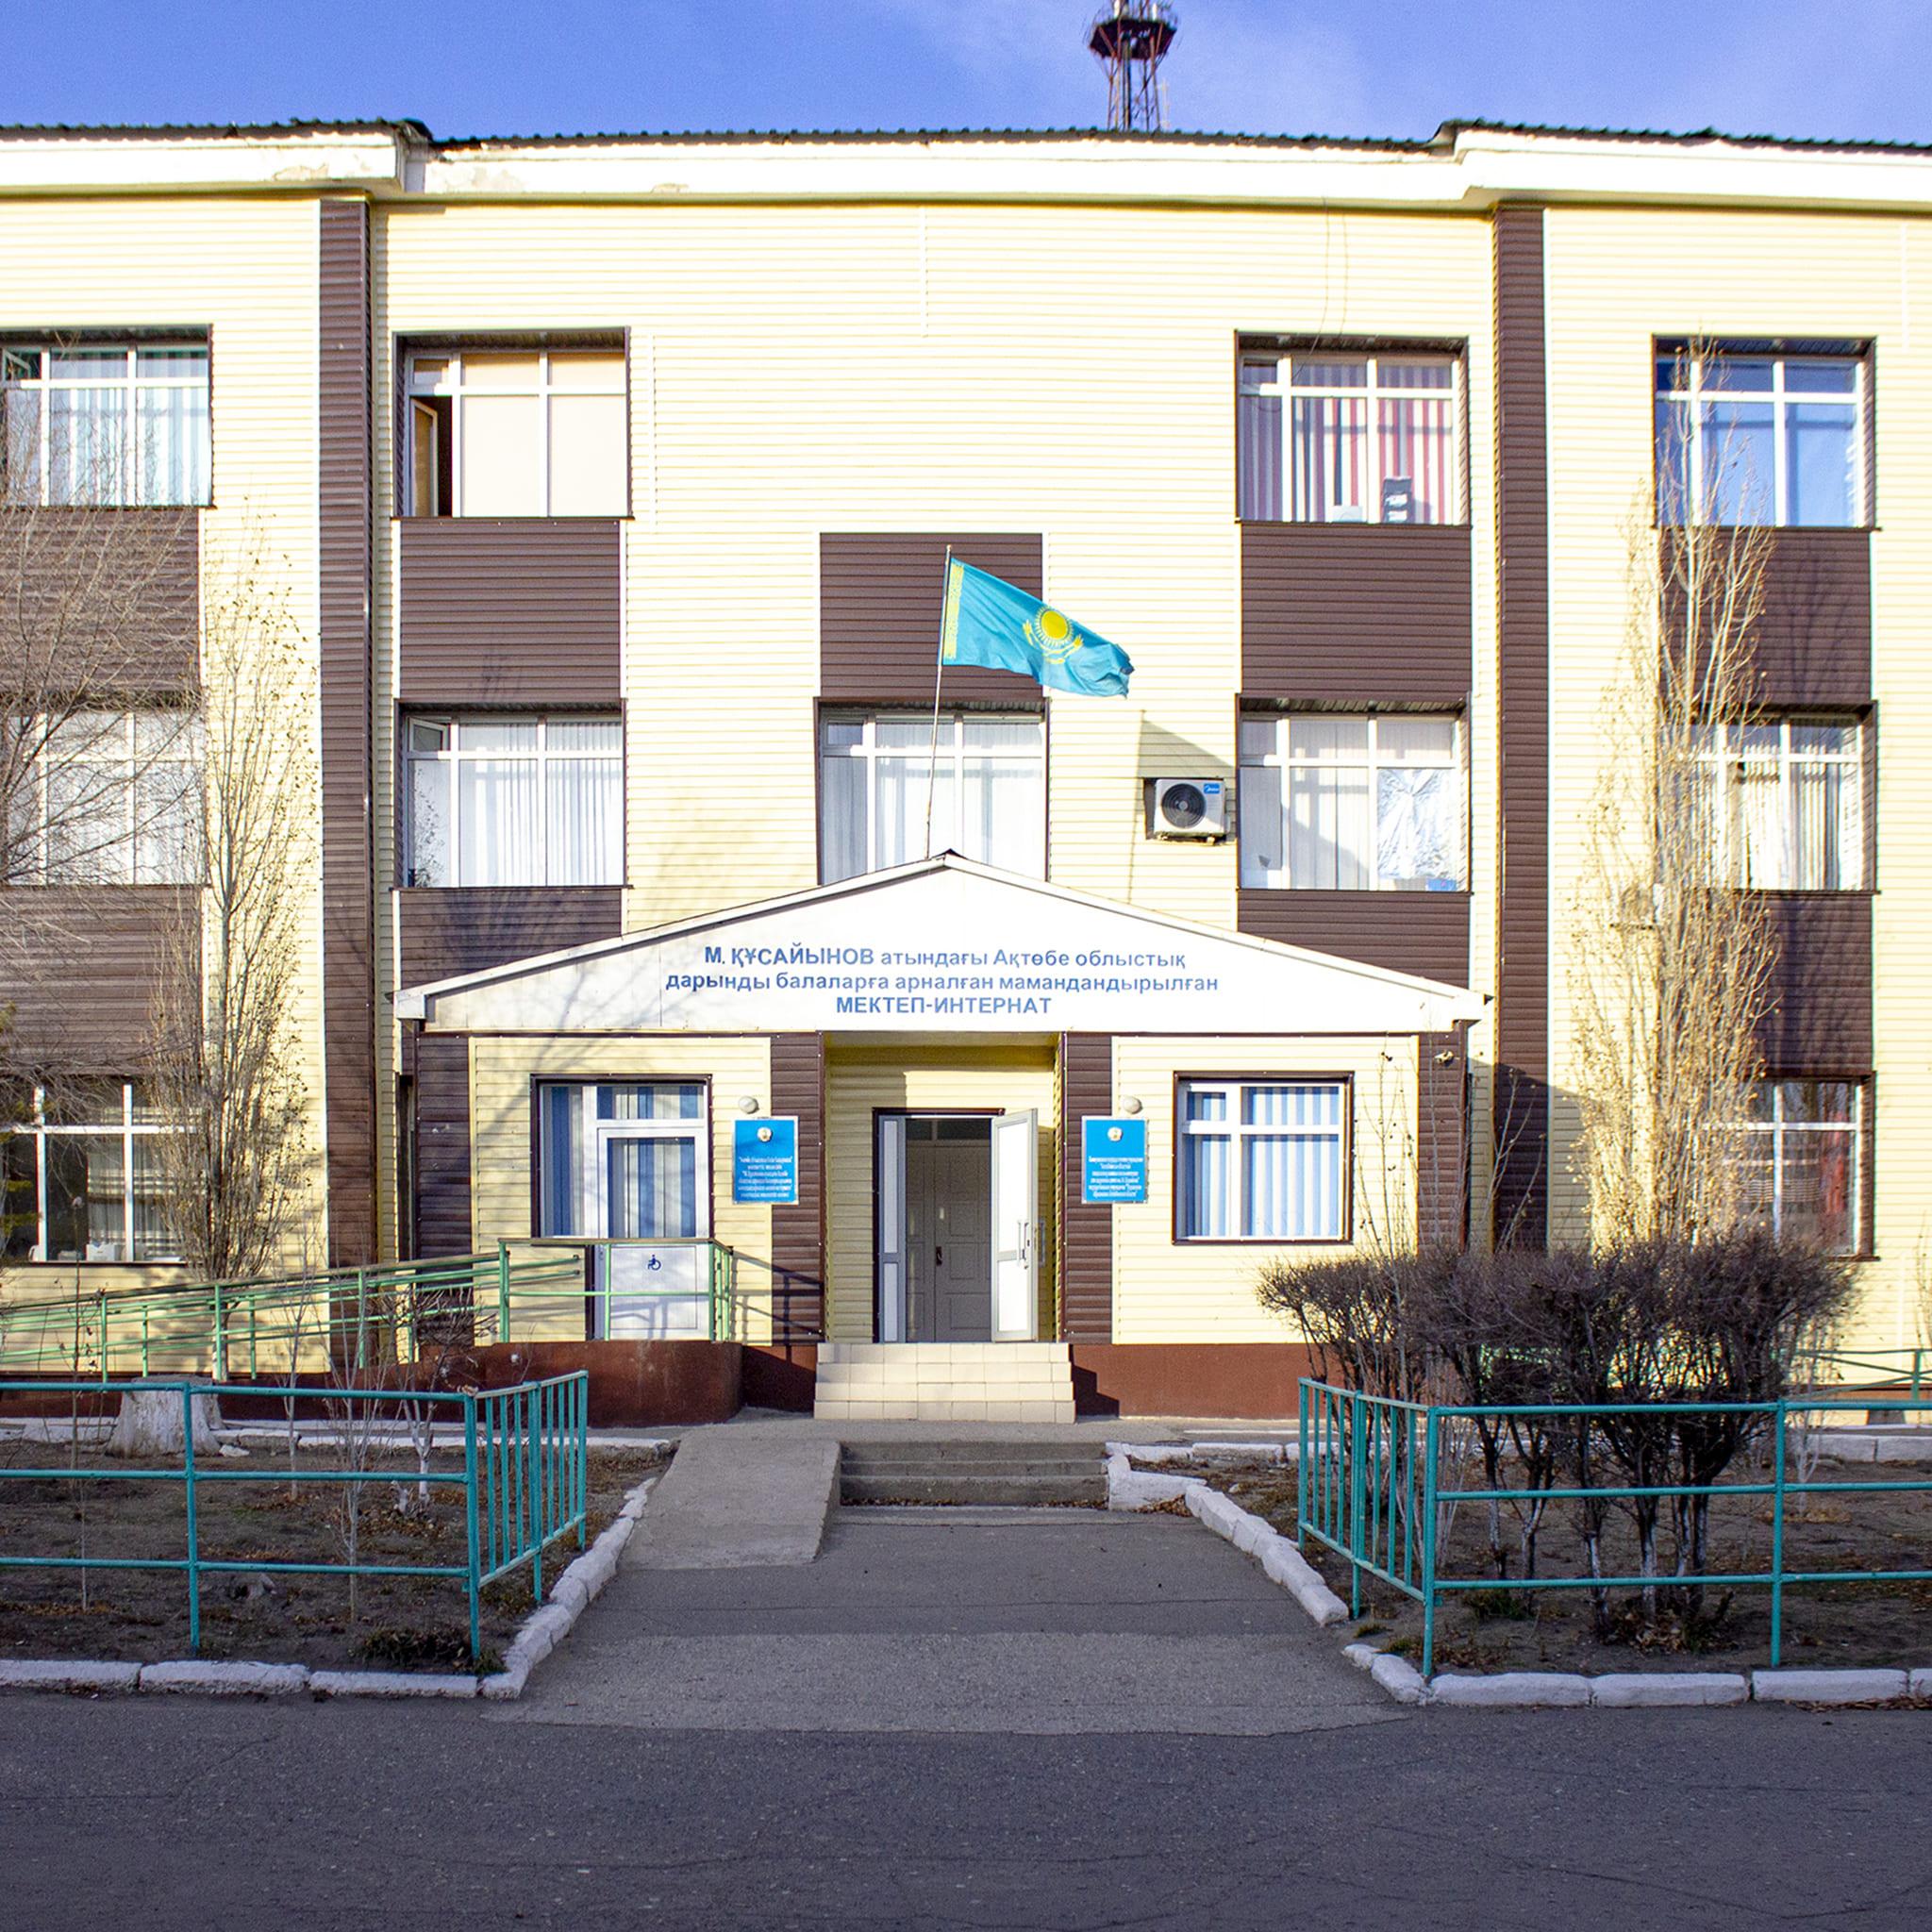 Здание штаба, где располагался и сформировался личный состав 101 стрелковой бригады